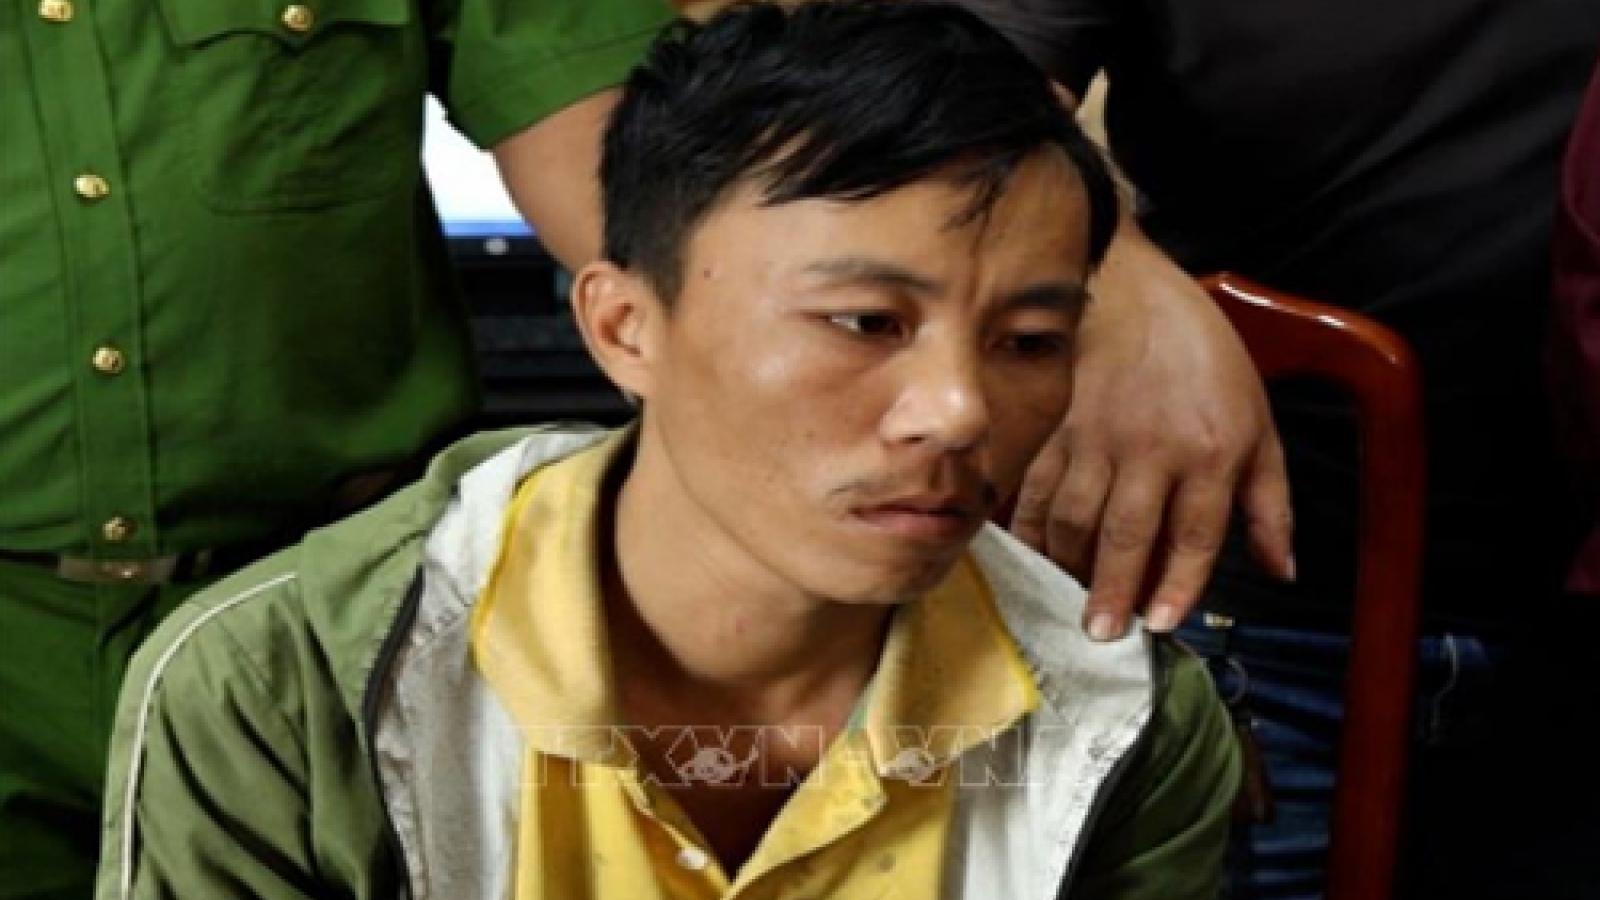 Bắt giữ nghi can trong vụ giết người ở Quảng Bình